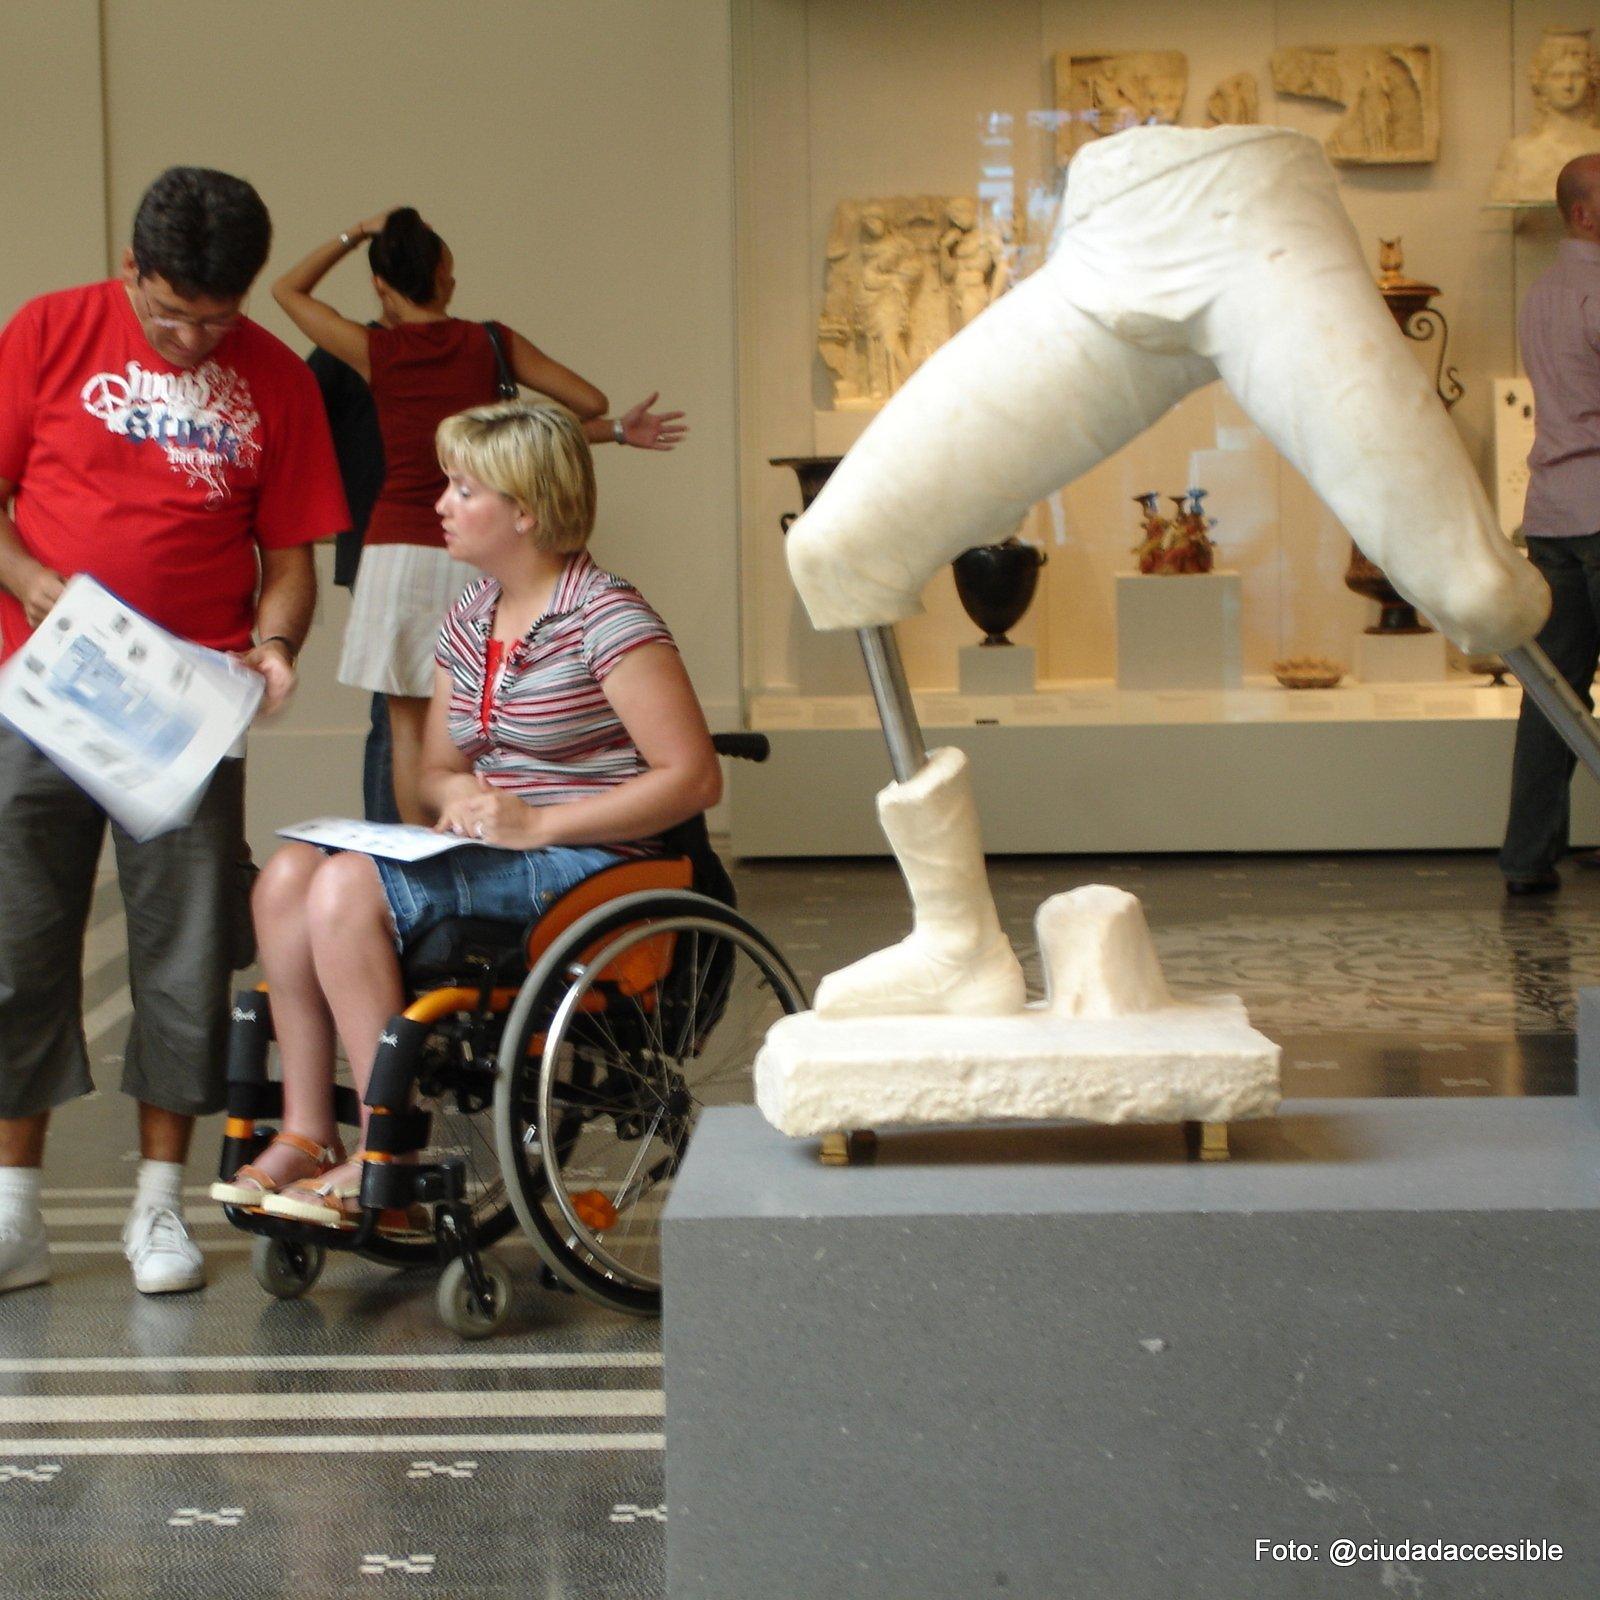 en un museo persona en silla de ruedas observa un catalogo